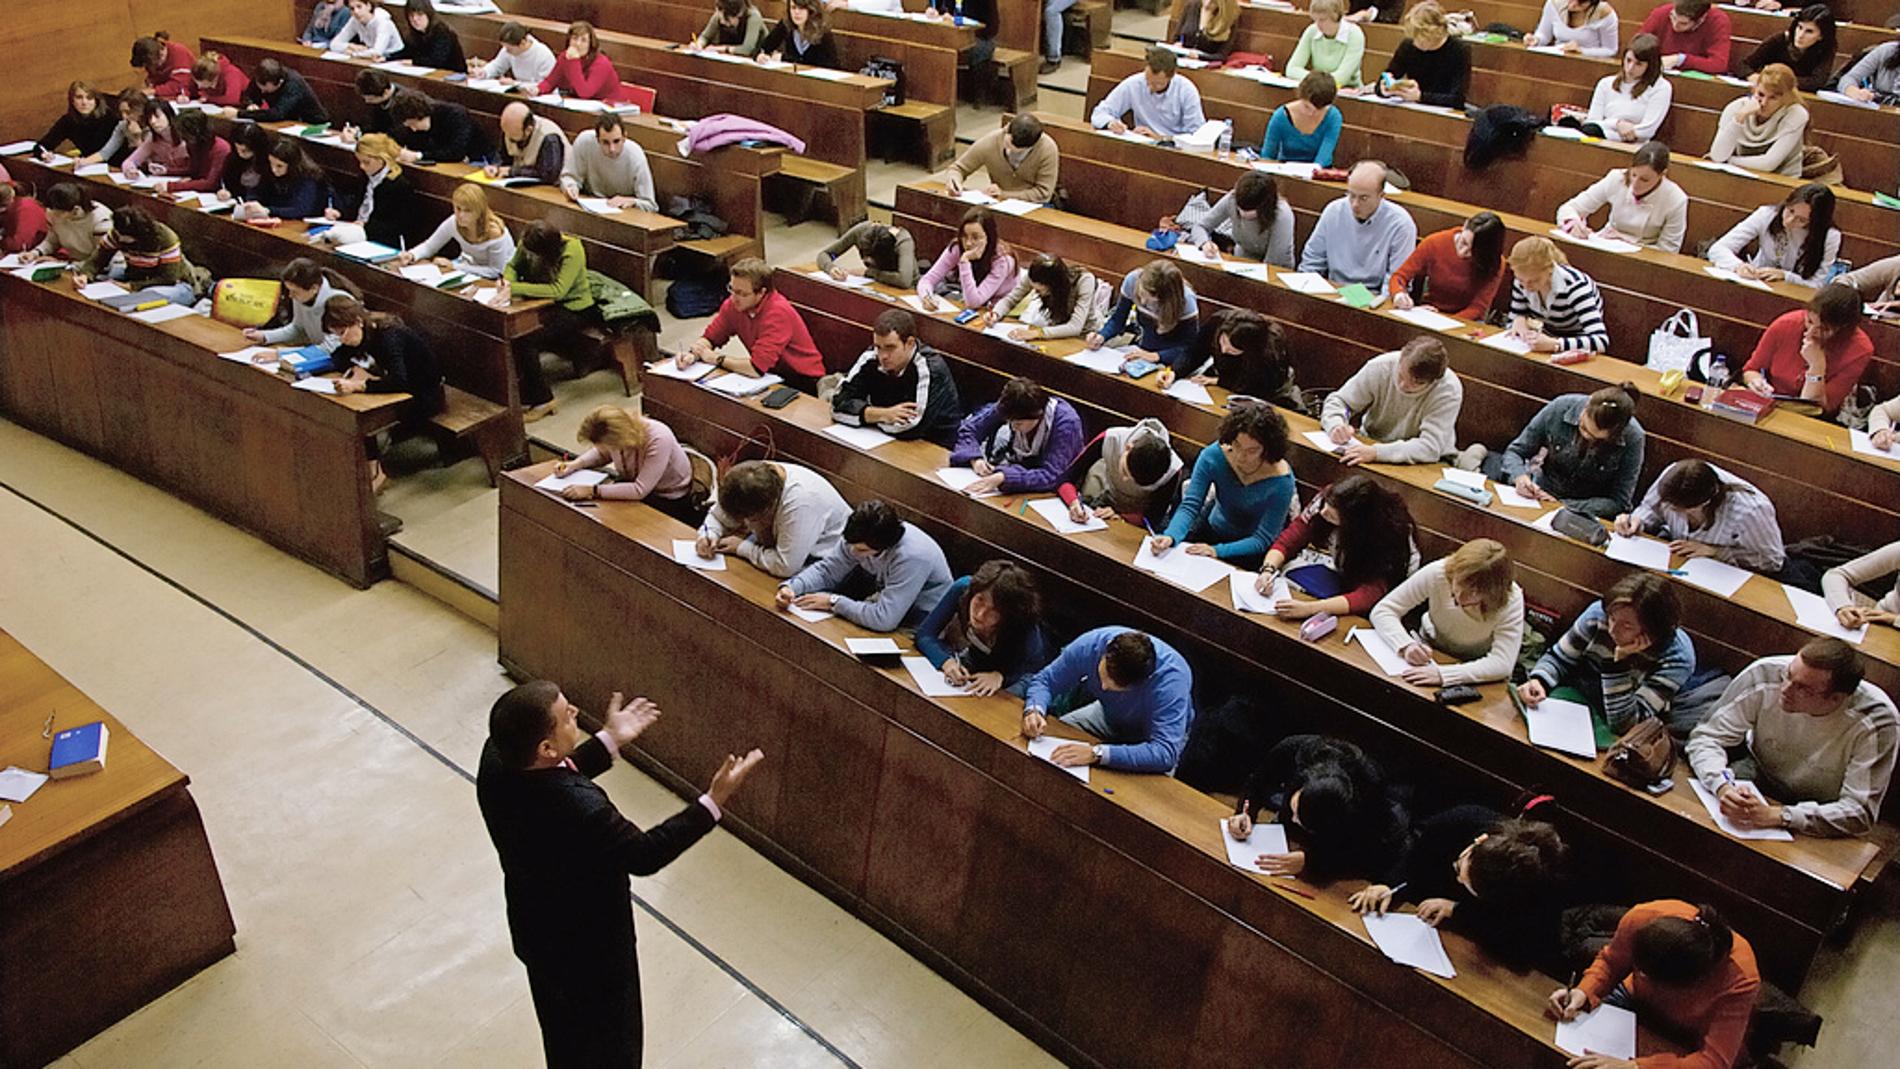 Los profesores que investigan imparten